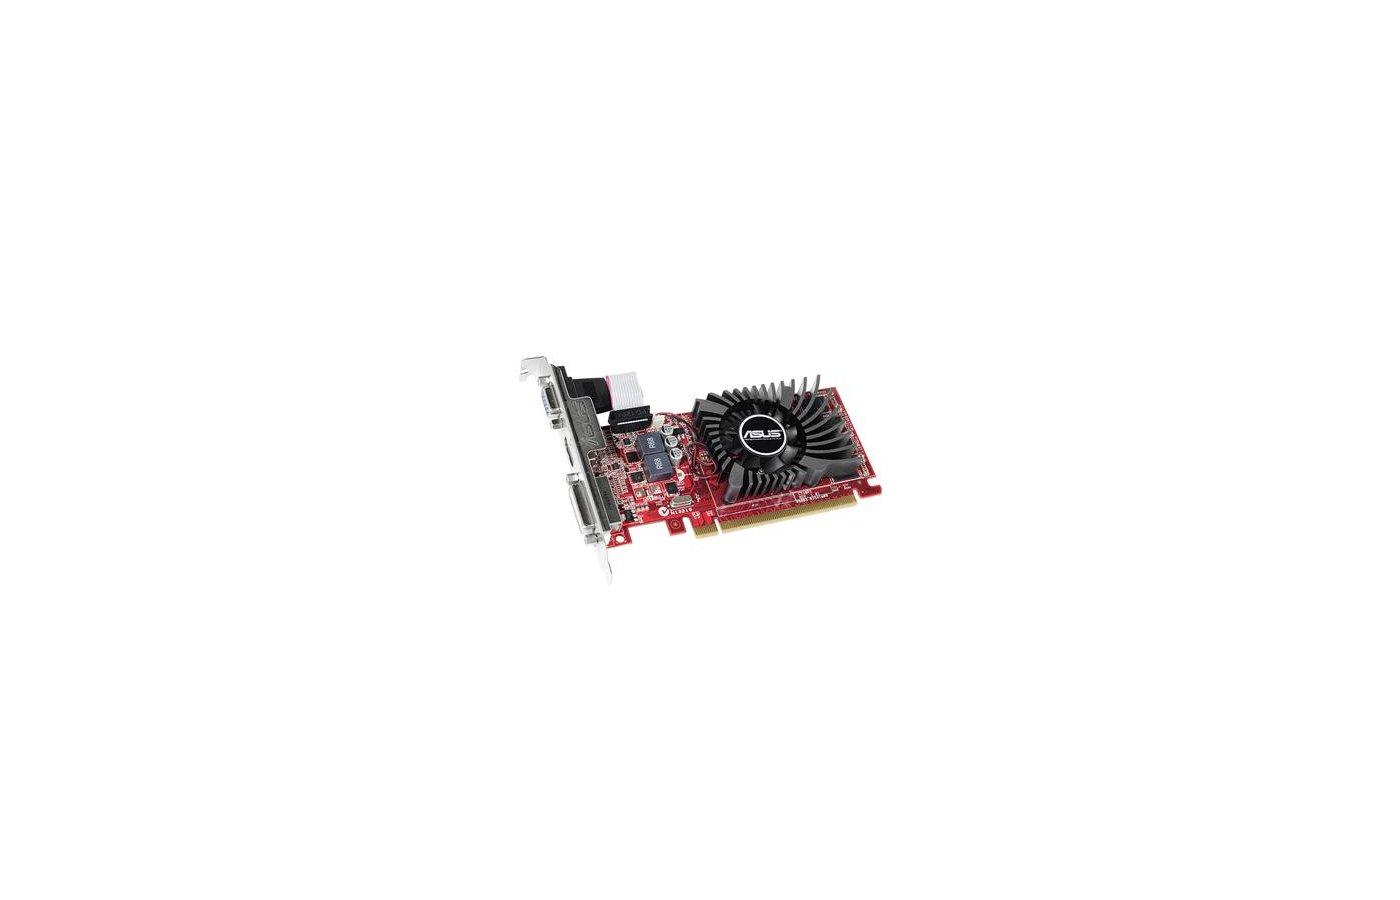 Видеокарта Asus PCI-E R7240-2GD3-L AMD Radeon R7 240 2048Mb 128bit Ret